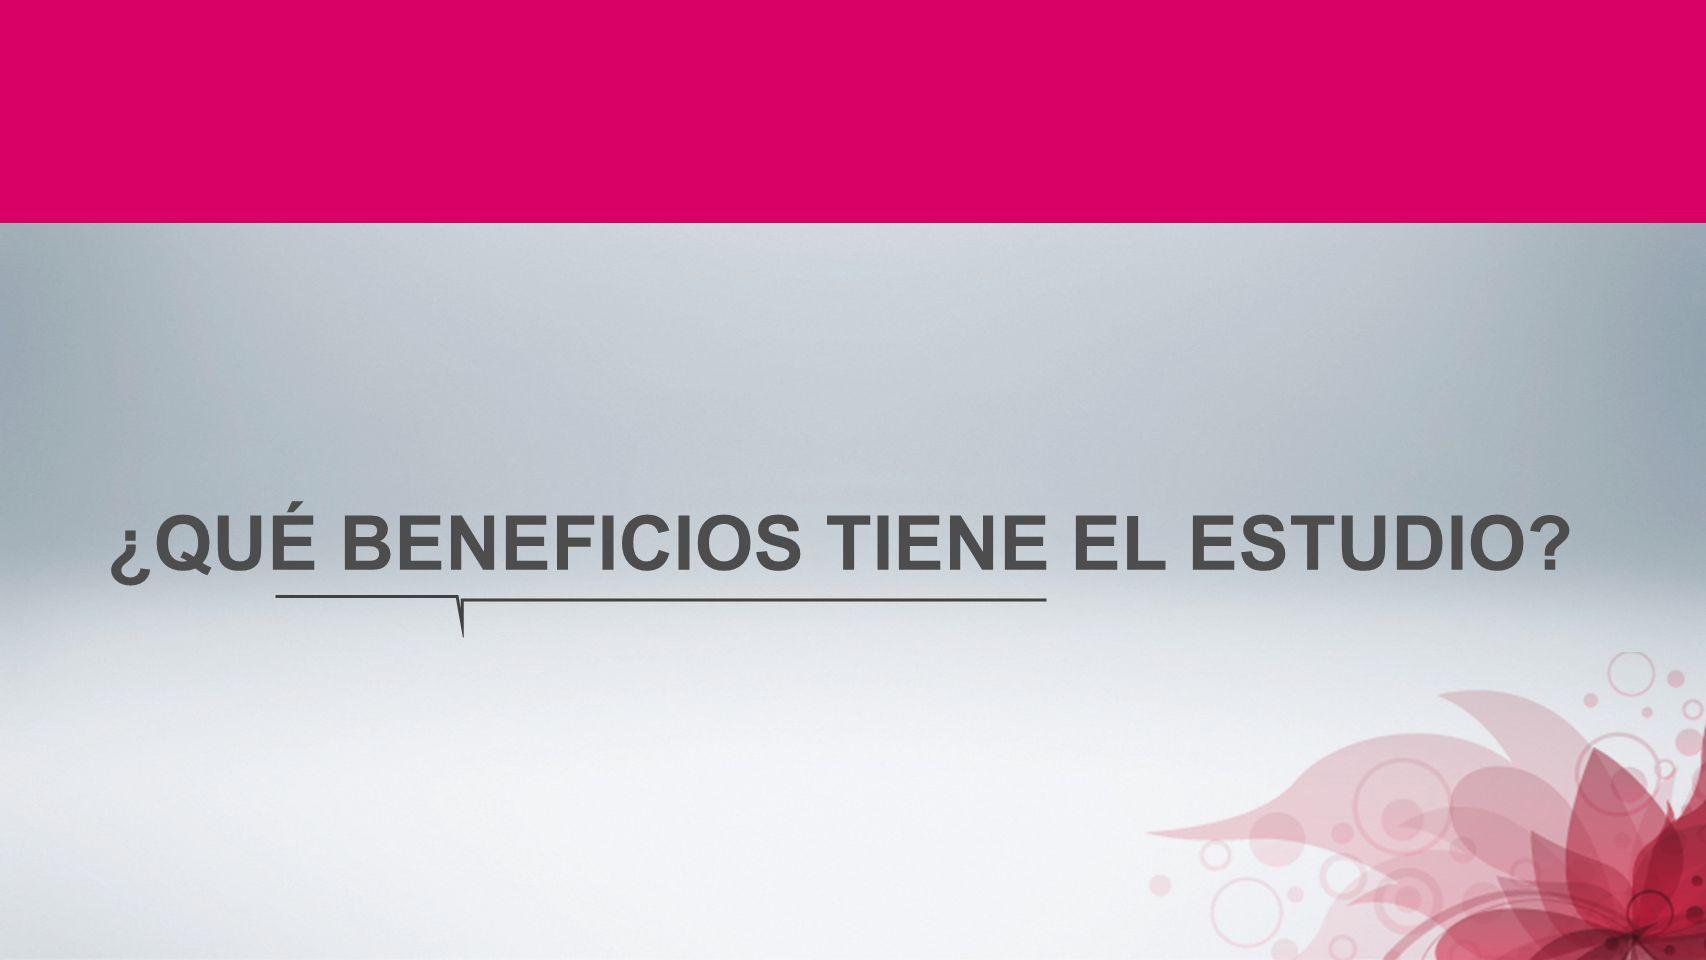 Contribuye a la salud de la mujer mexicana al aportar conocimiento para la prevención de enfermedades.